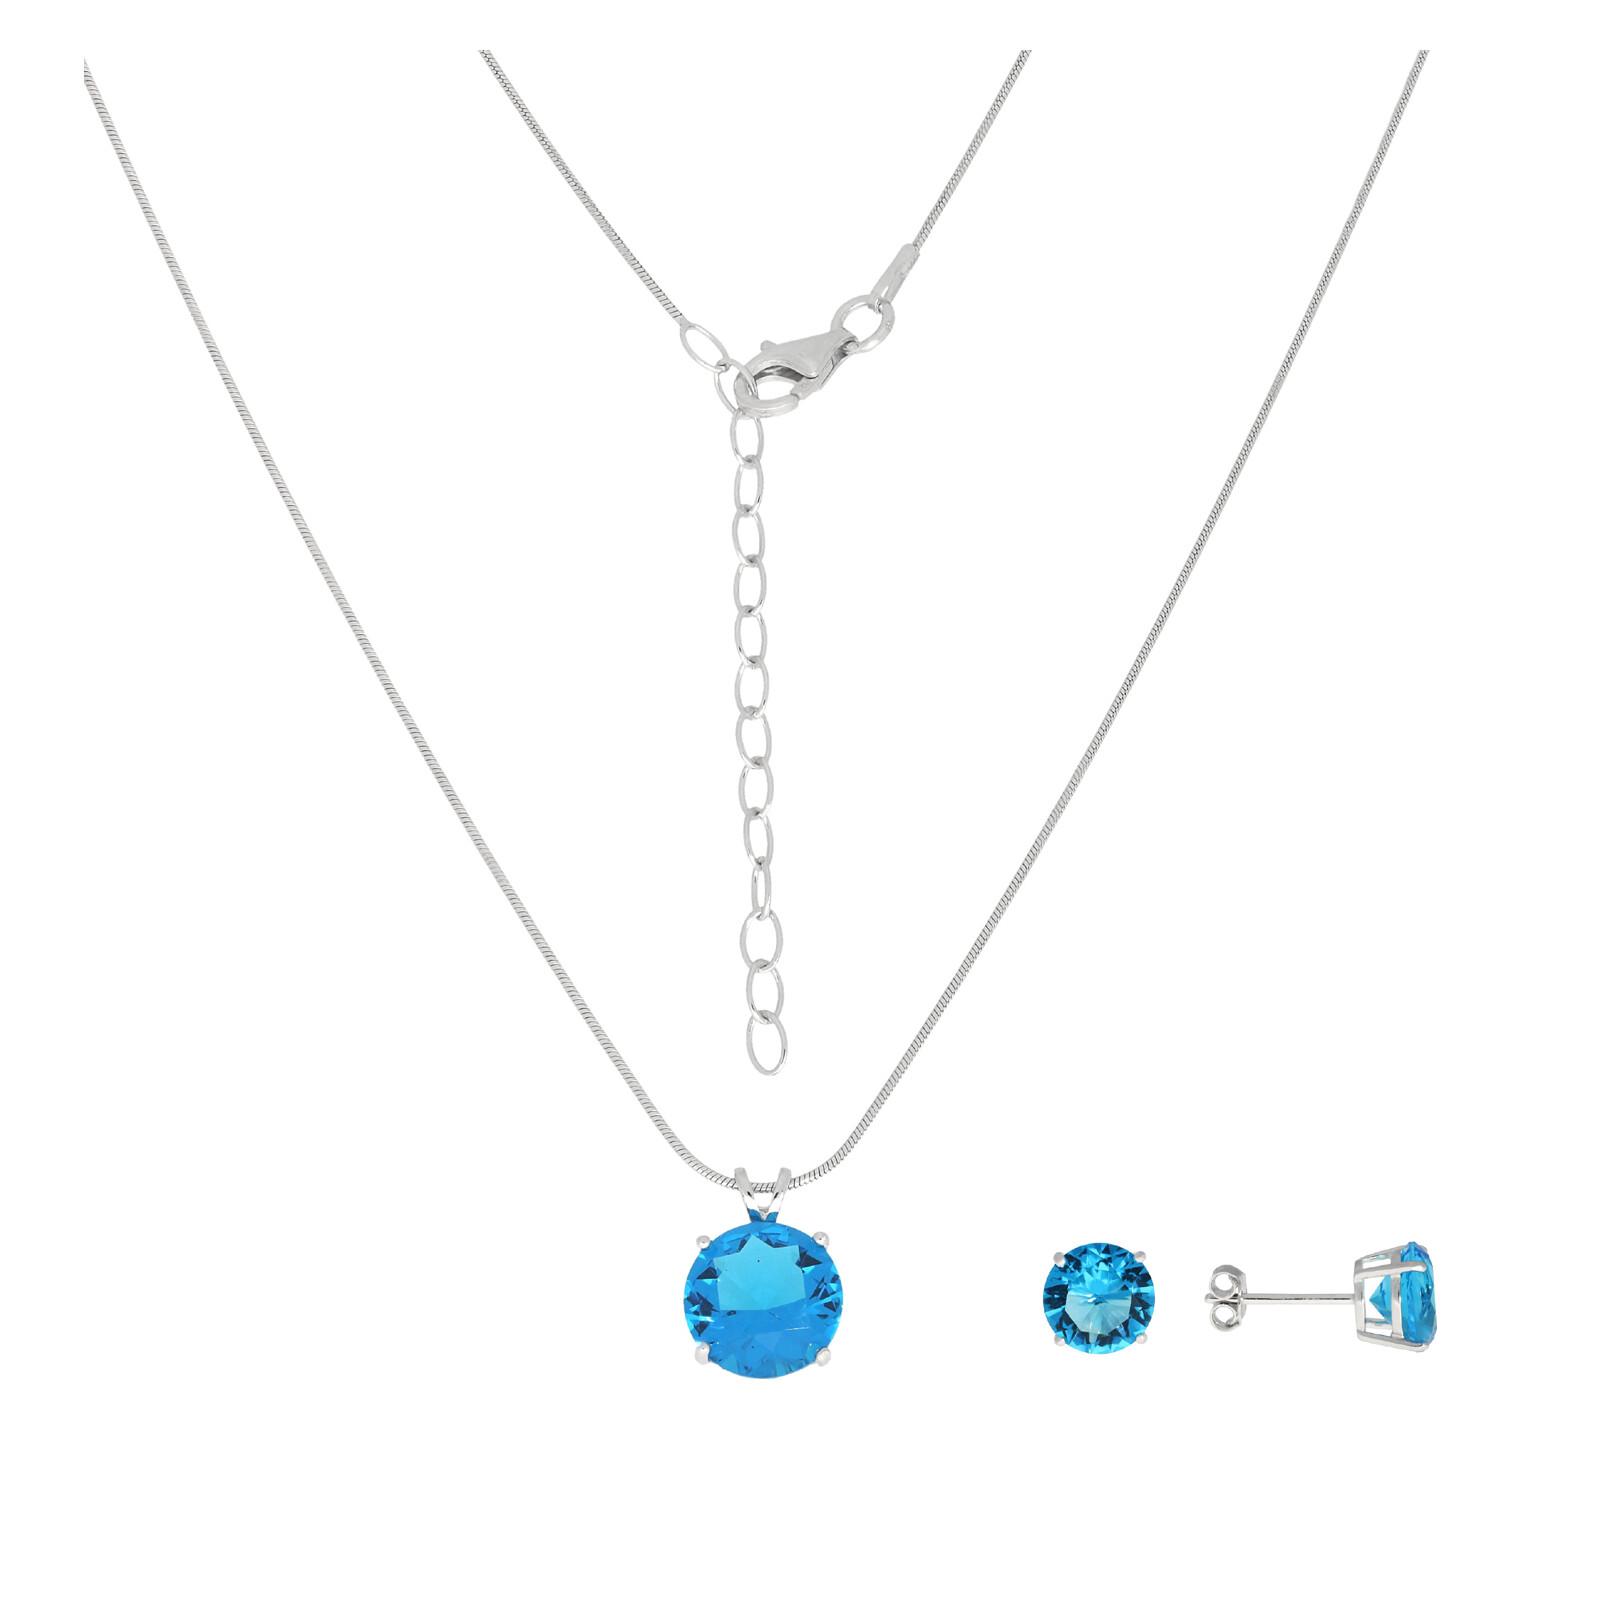 Set Kette und Ohrringe blau Zirkonia